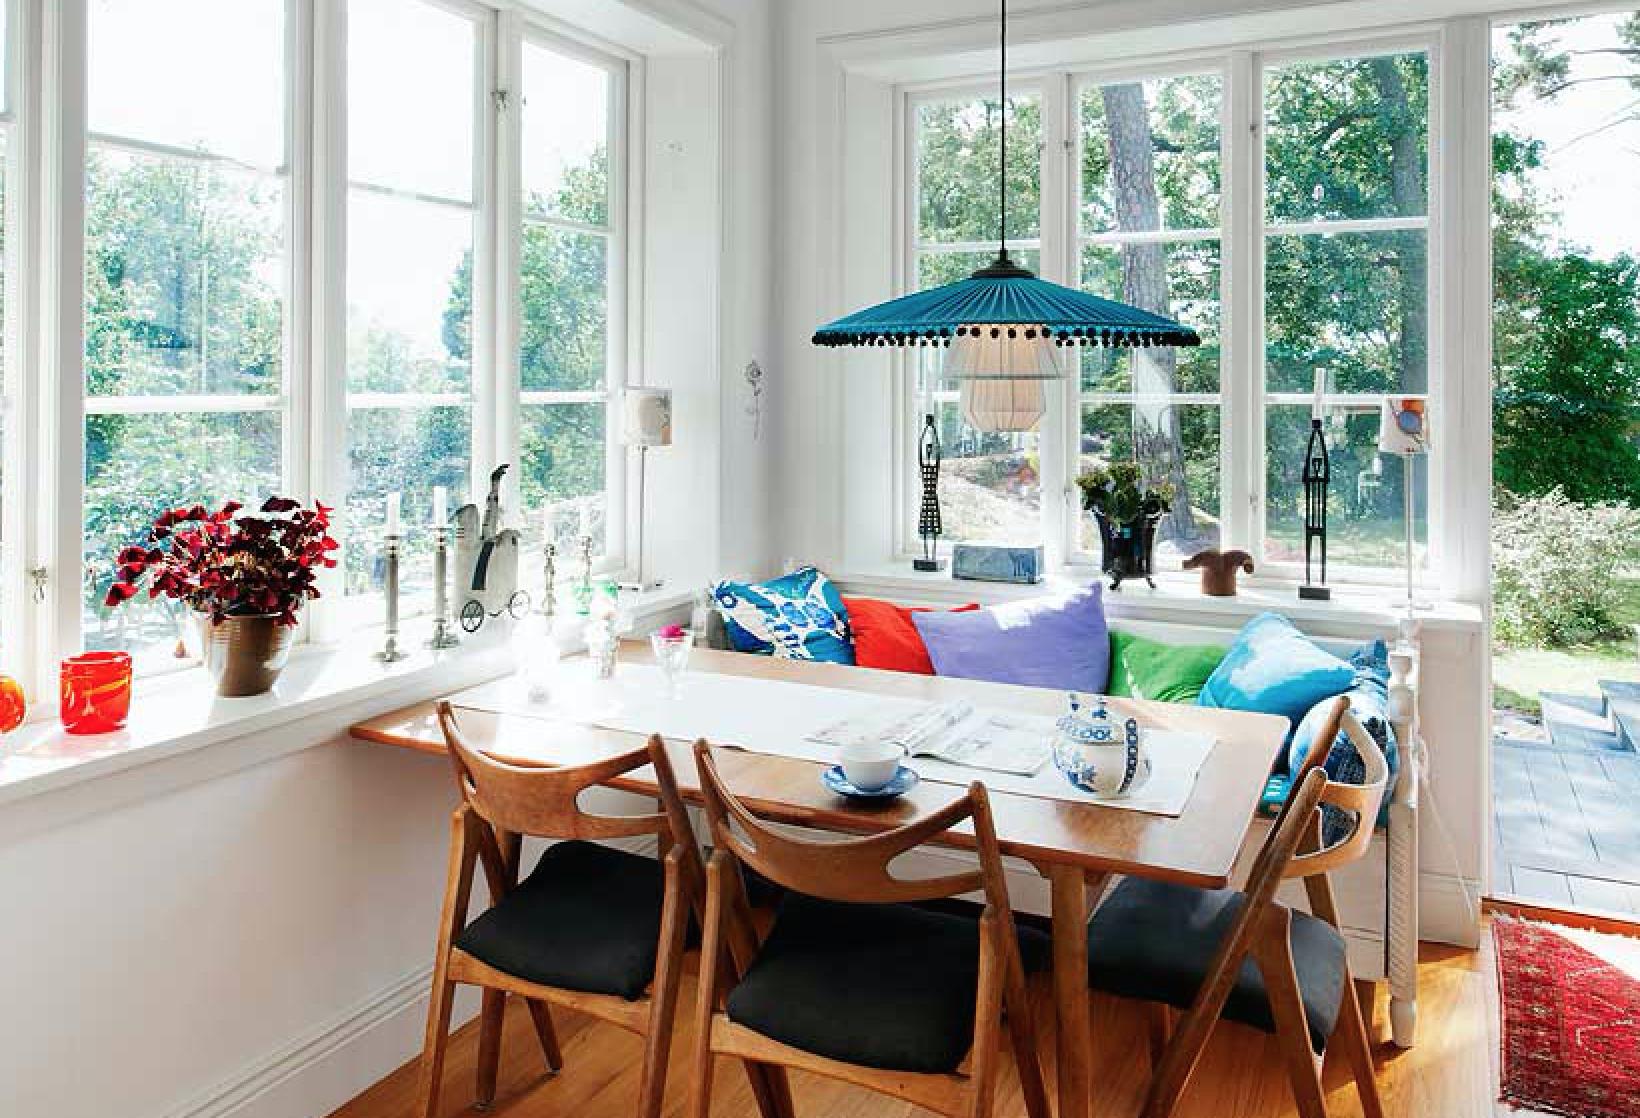 北欧インテリアで叶える、幸せを呼ぶおしゃれ家具たち大特集!のサムネイル画像